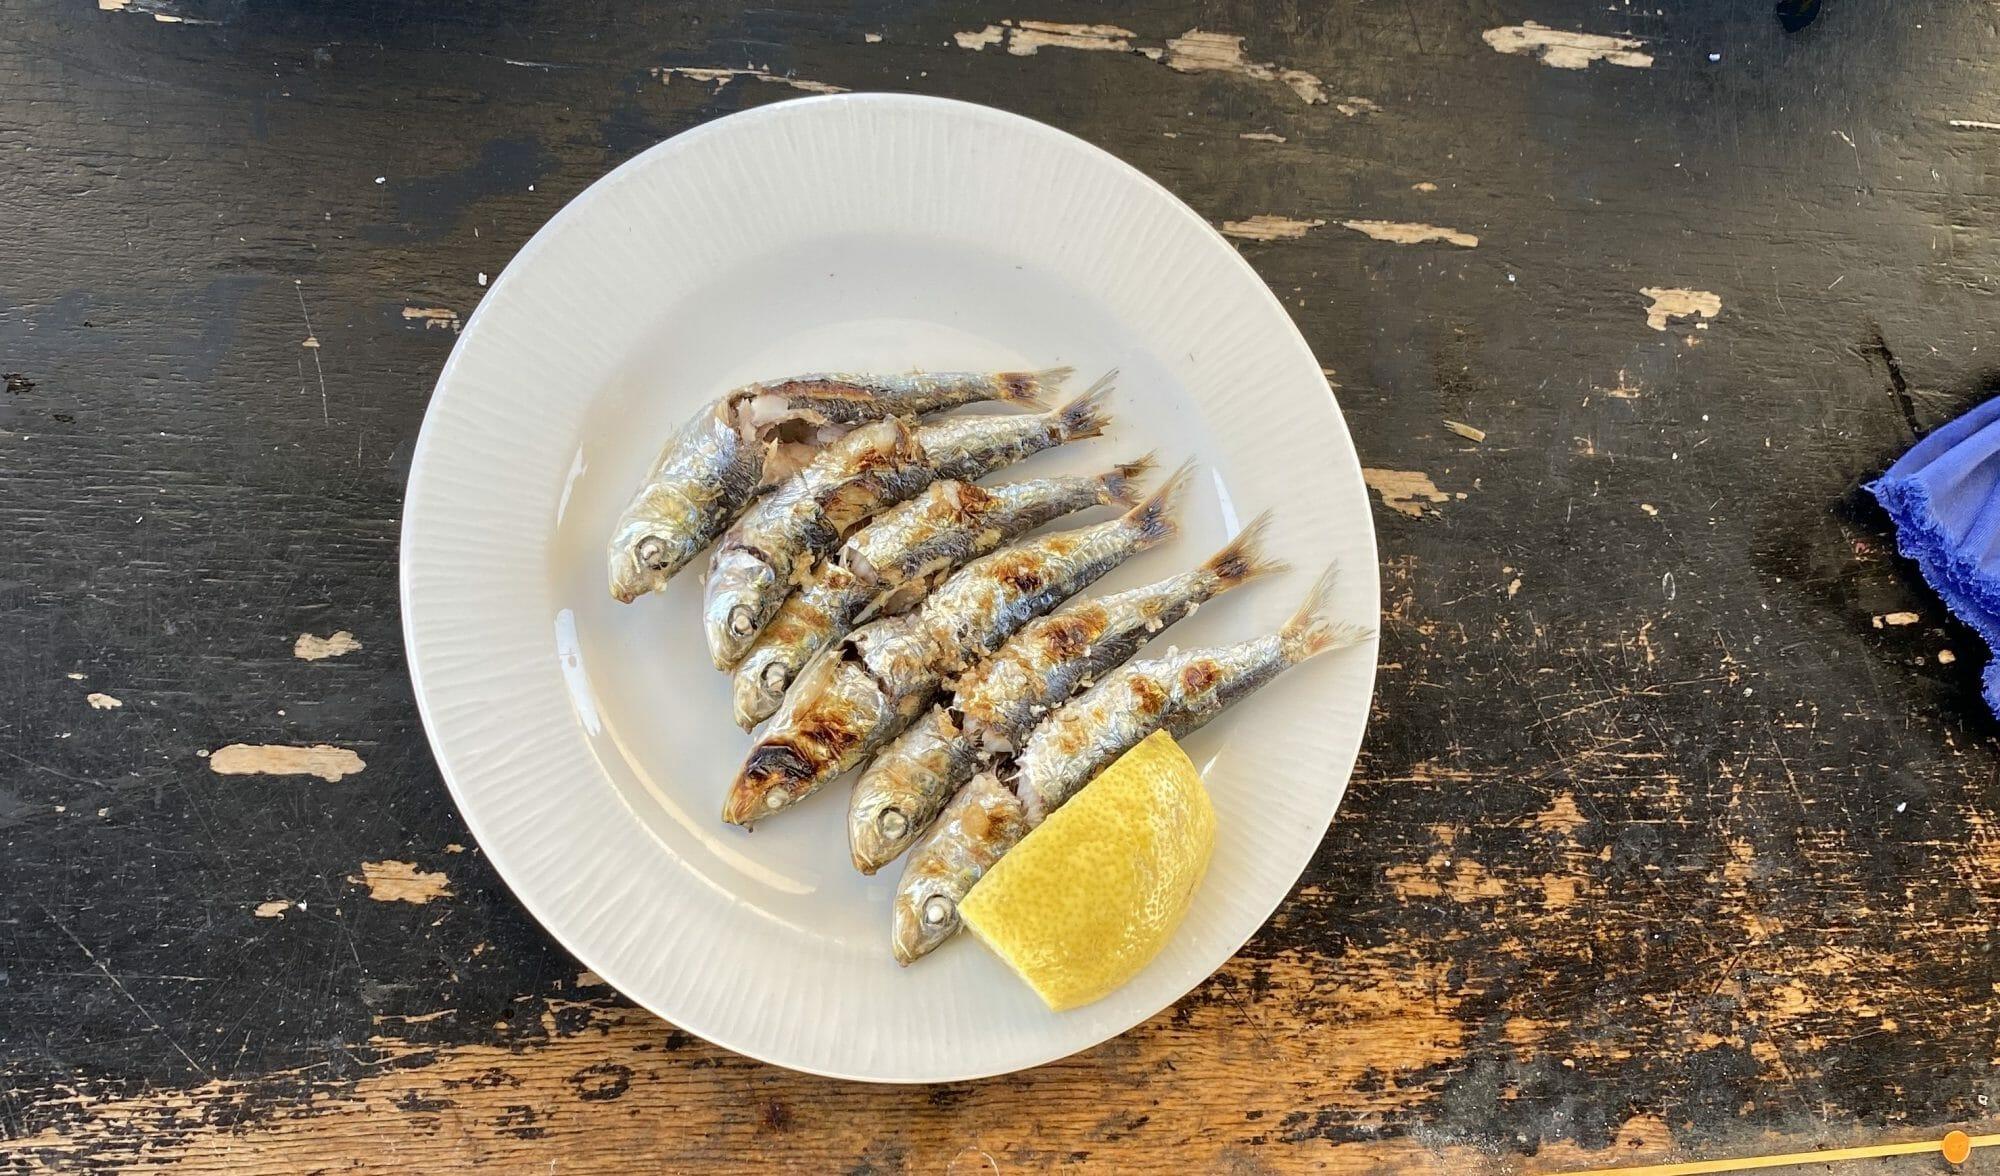 Plato de espeto de sardinas recién hecho